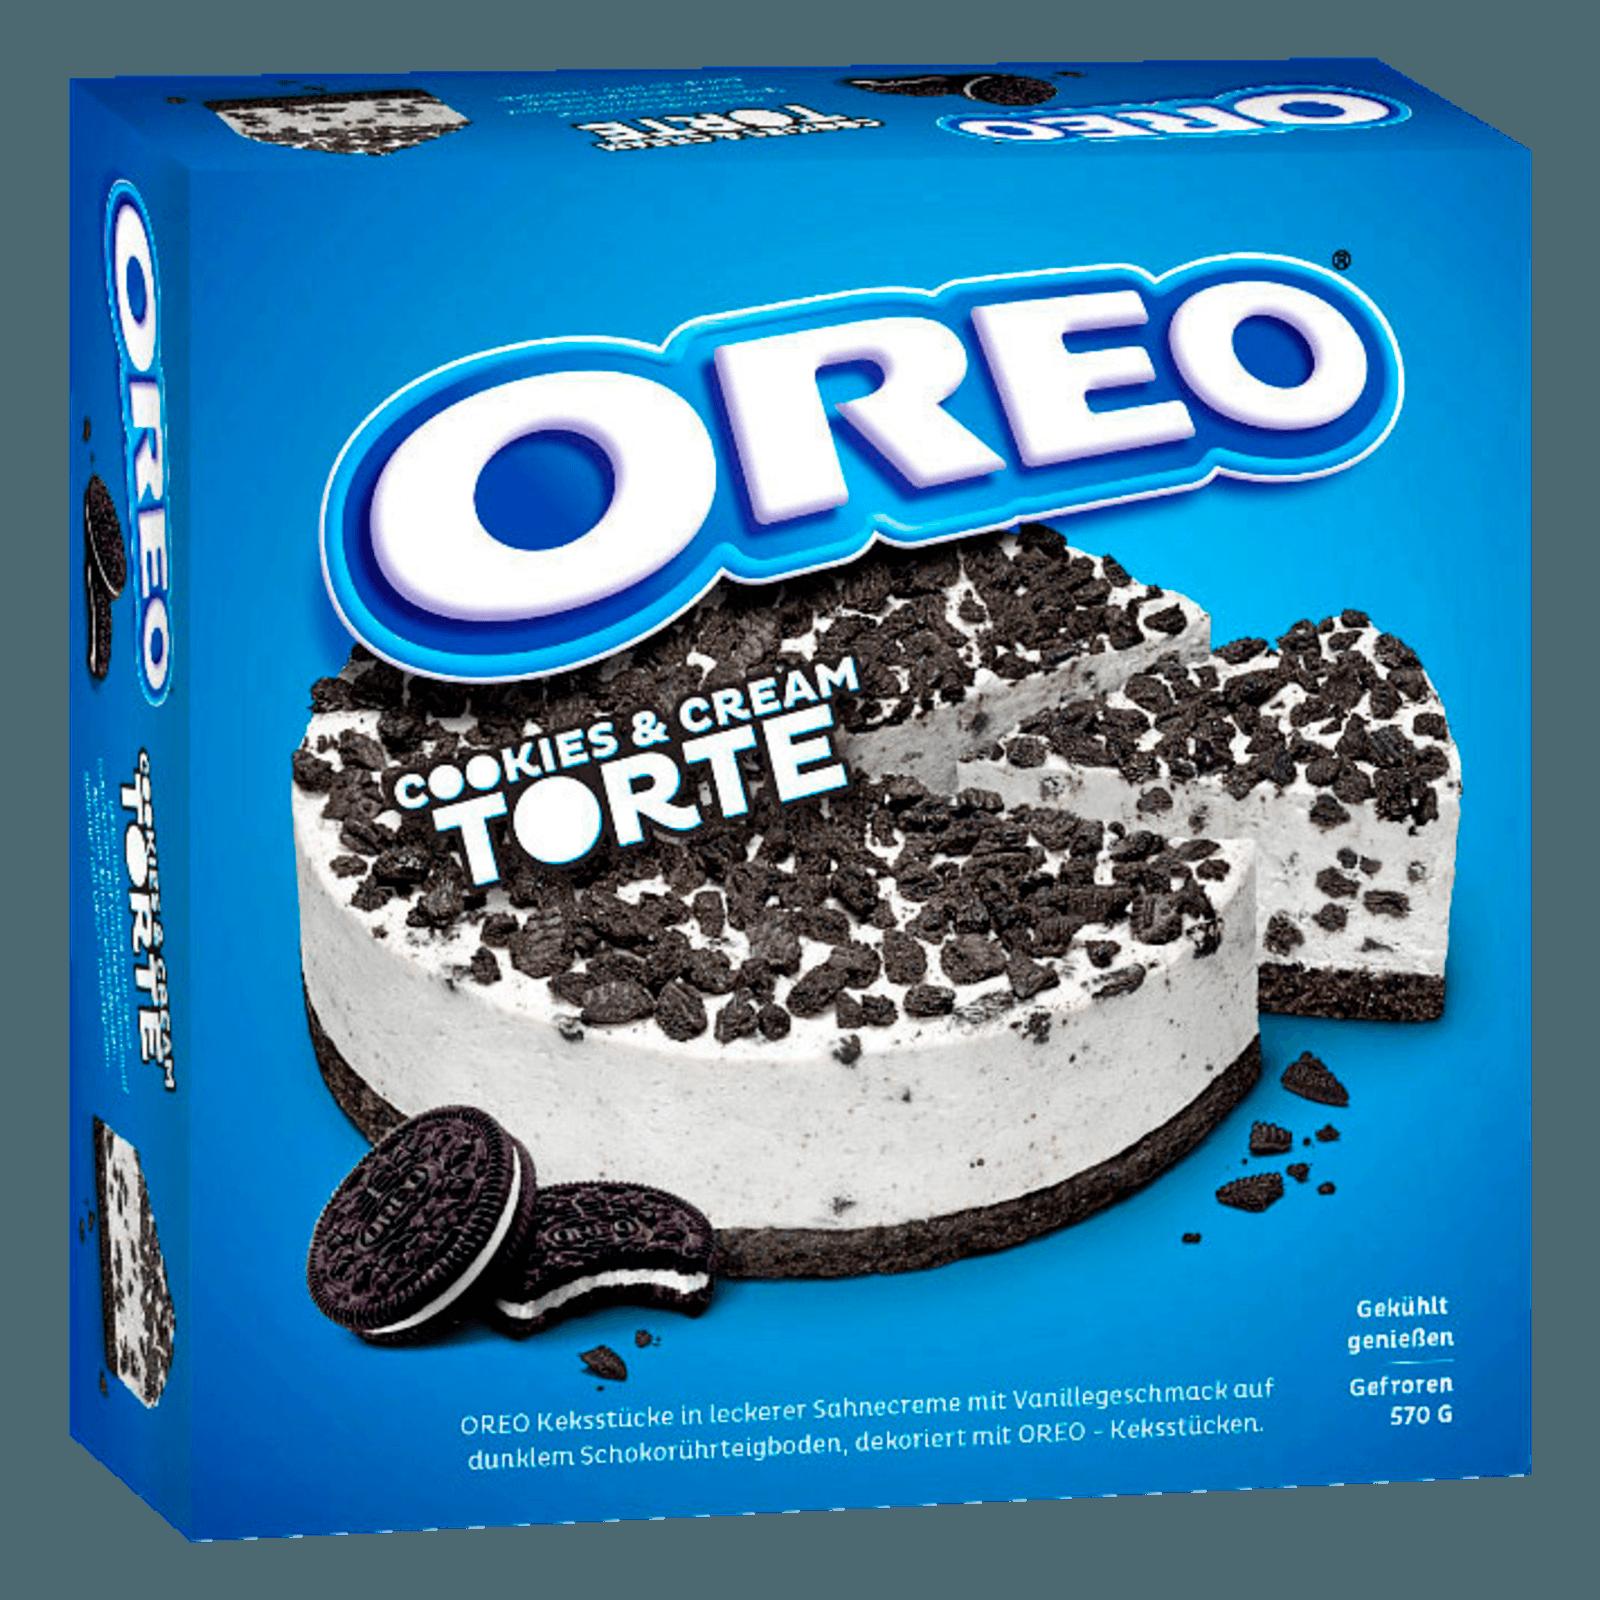 Oreo Cookies Cream Torte 570g Bei Rewe Online Bestellen